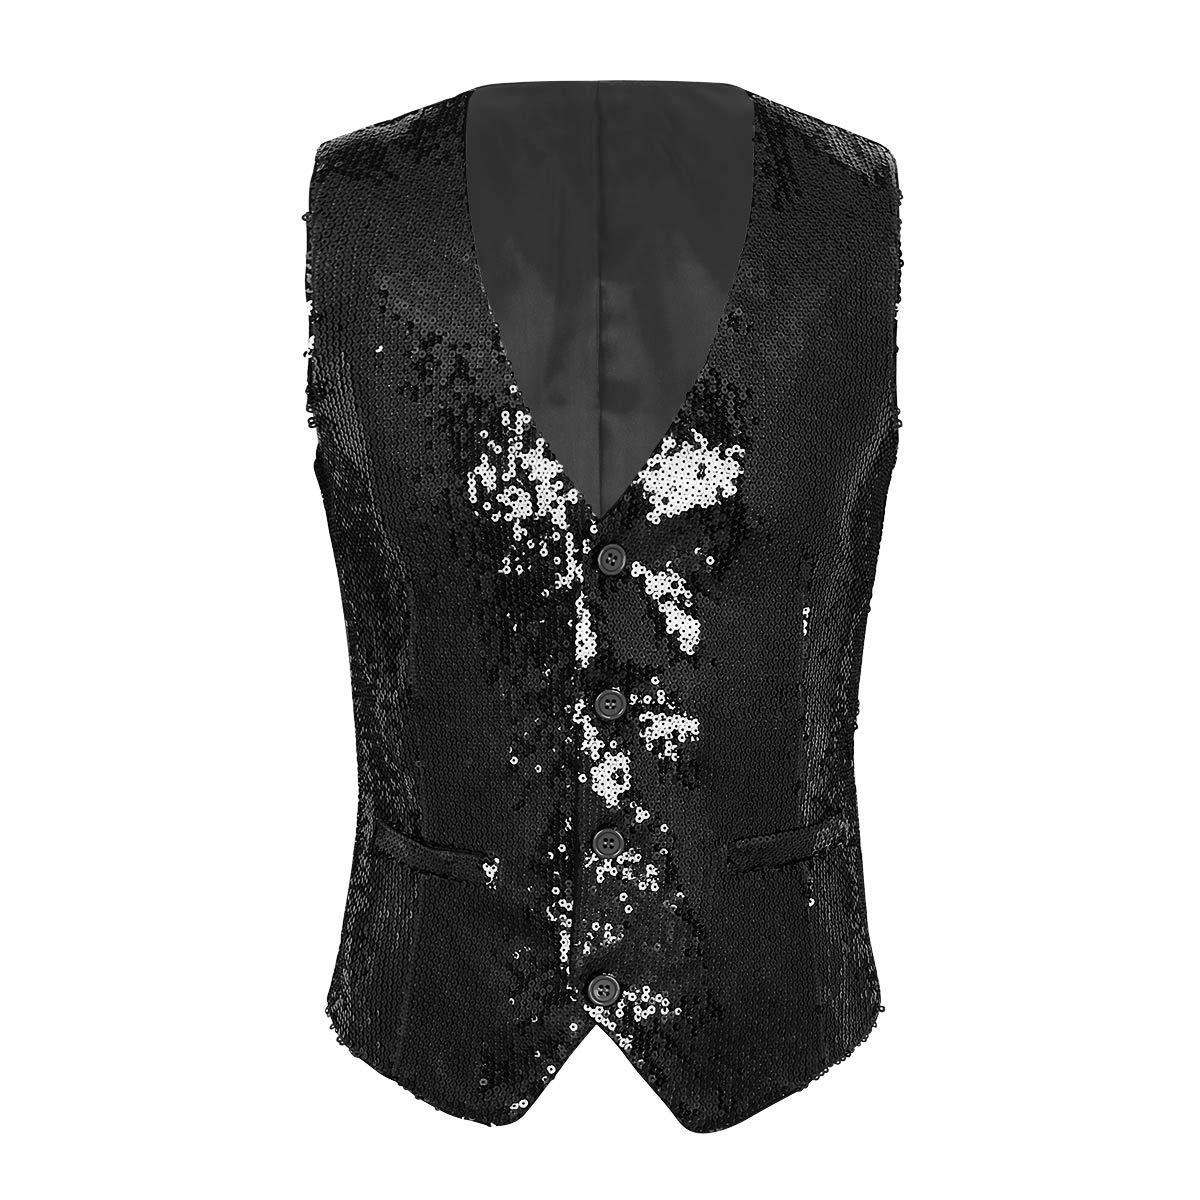 Freebily Men Sequin Suit Vest Waistcoat Sleeveless Nightclub Dance Party Clubwear